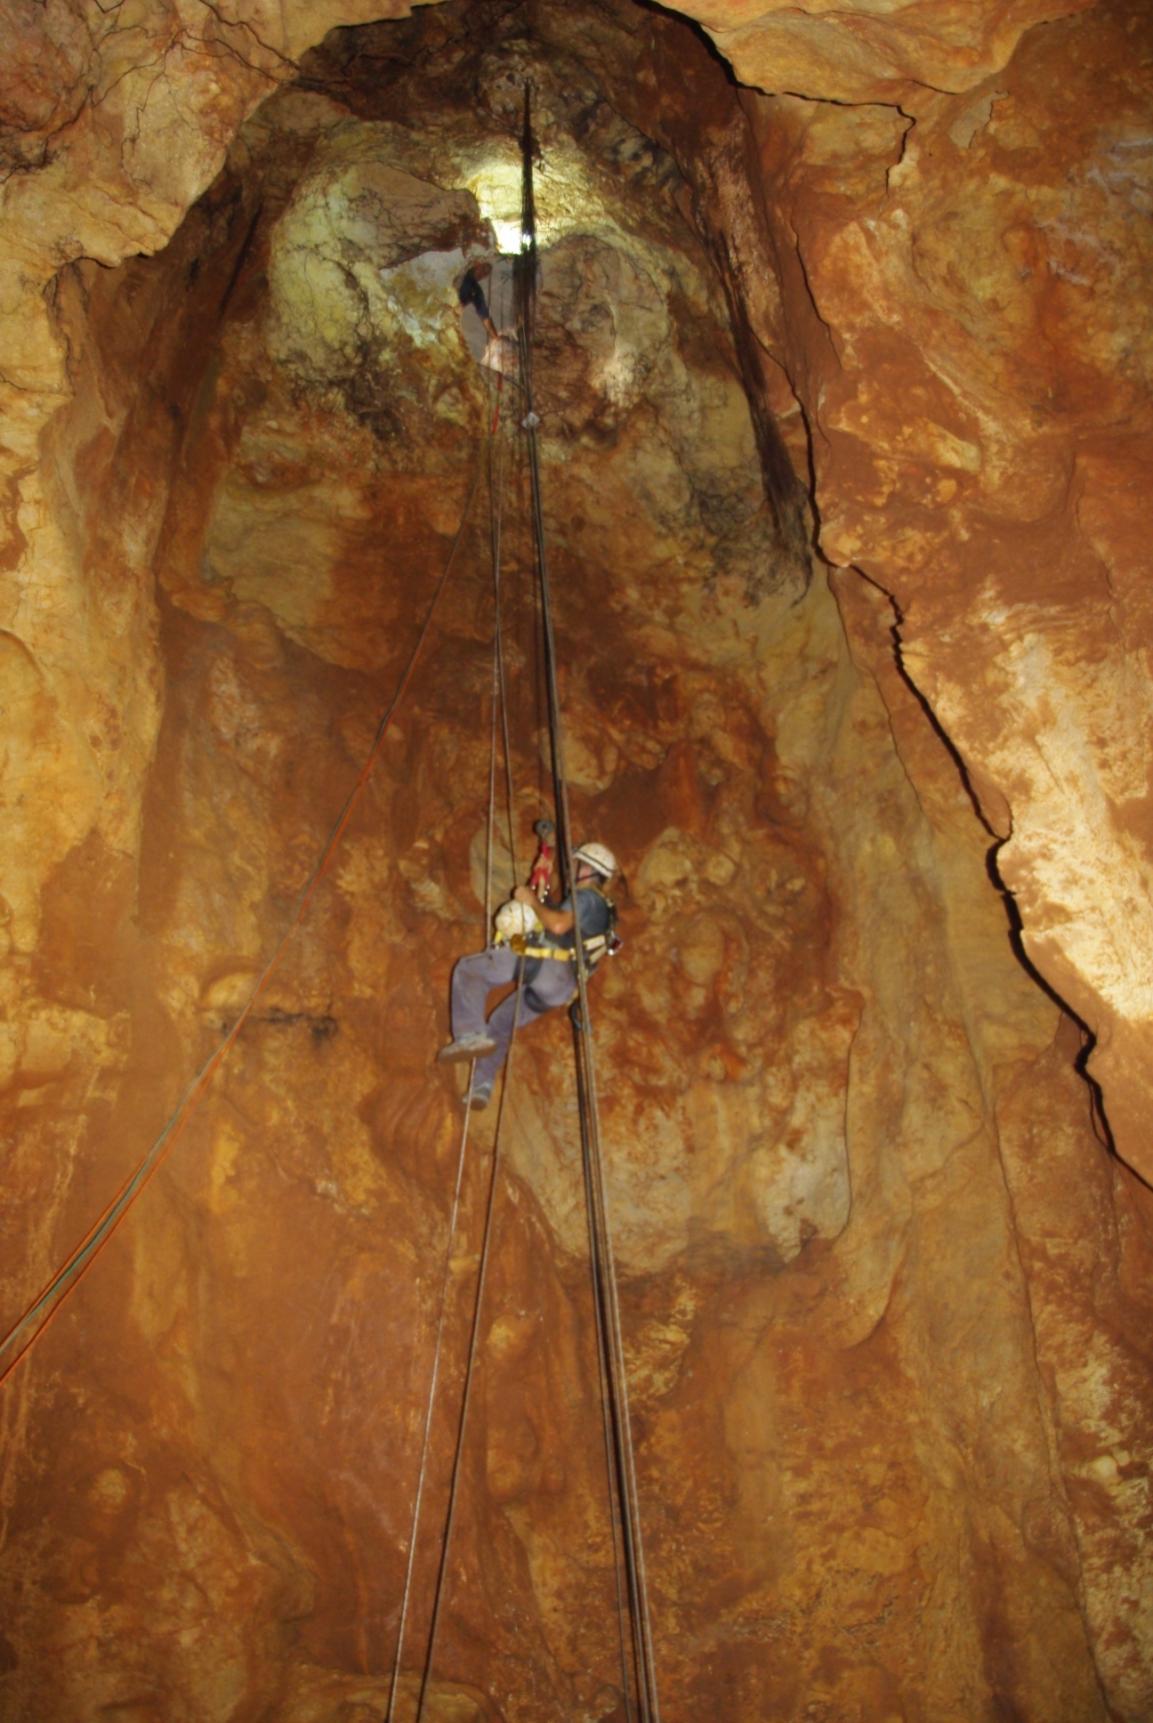 בעונת החפירה הראשונה הכניסה למערה נערכה בעזרת גלישהה